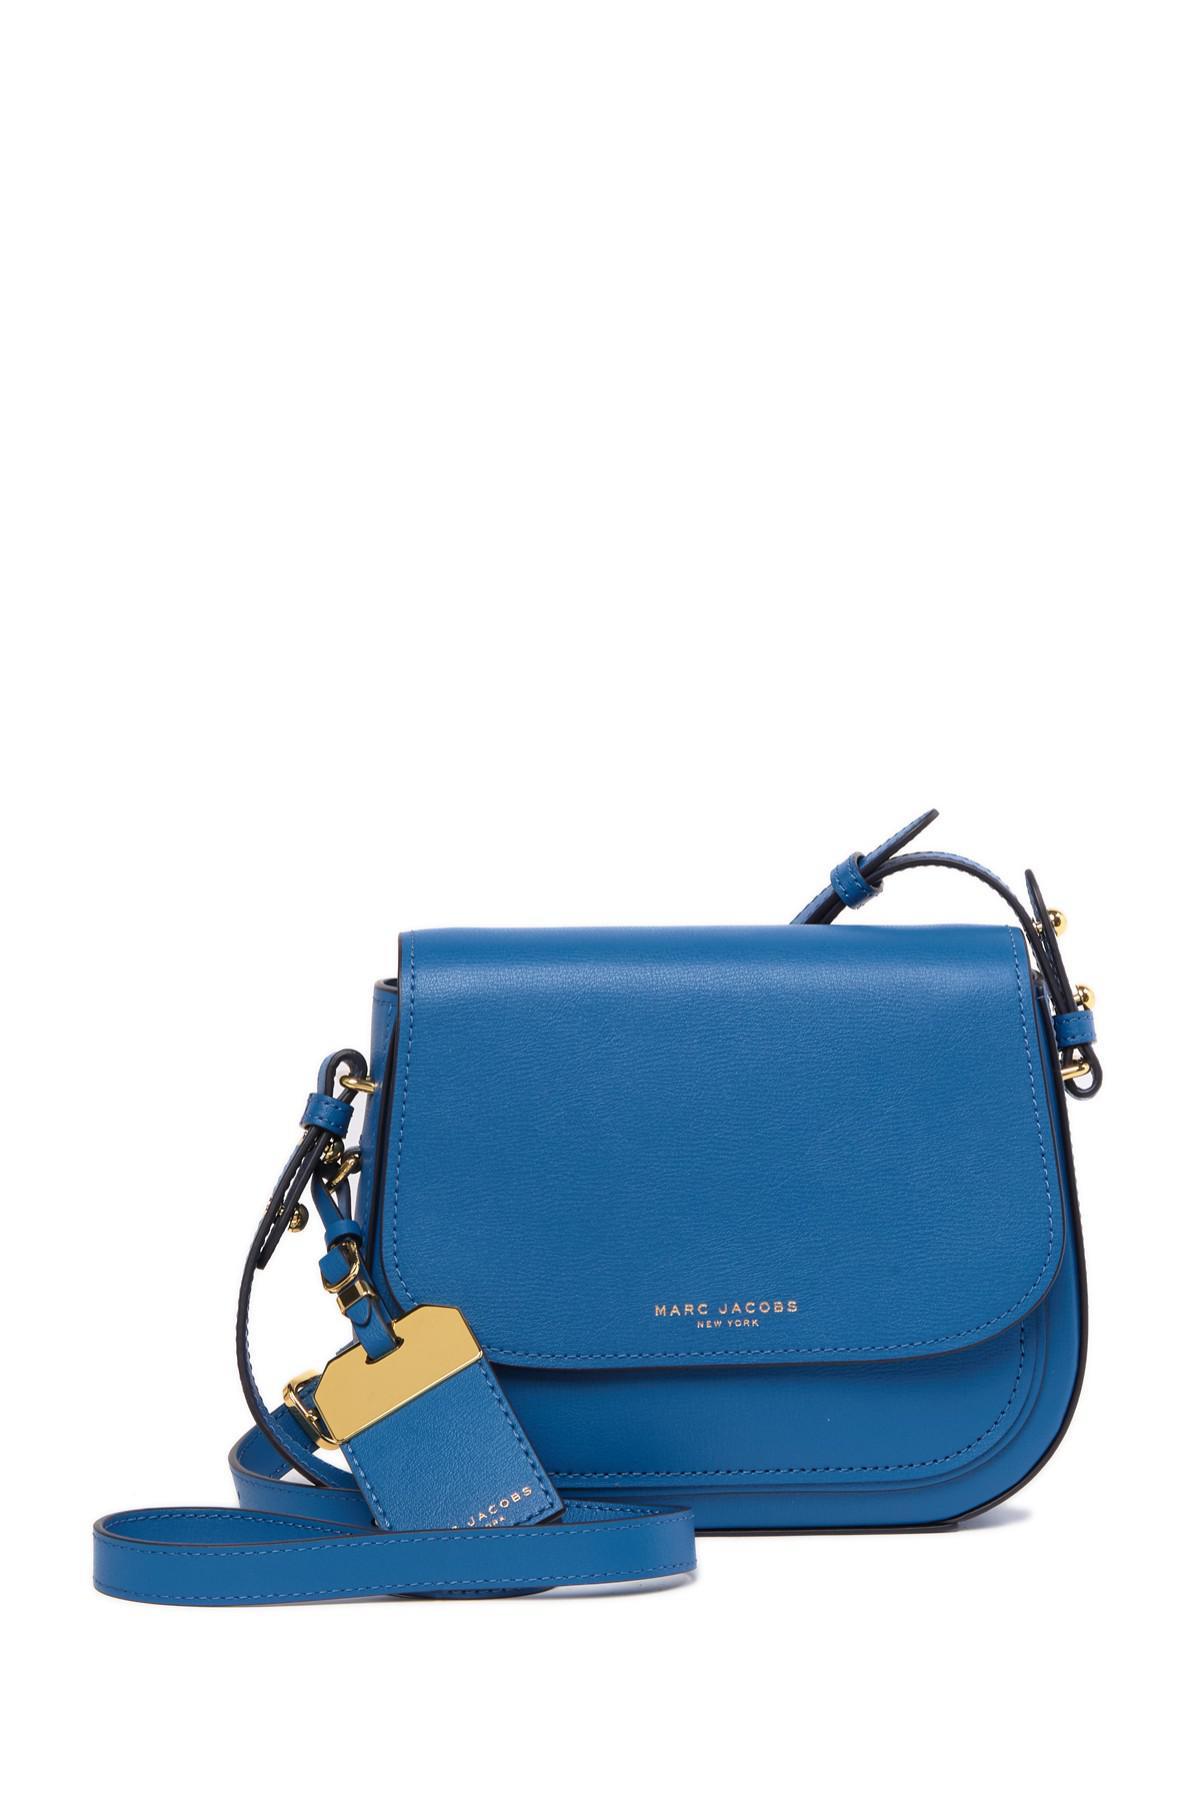 80db2dd340 Nordstrom Rack Handbags Marc Jacobs - Best Handbag 2018